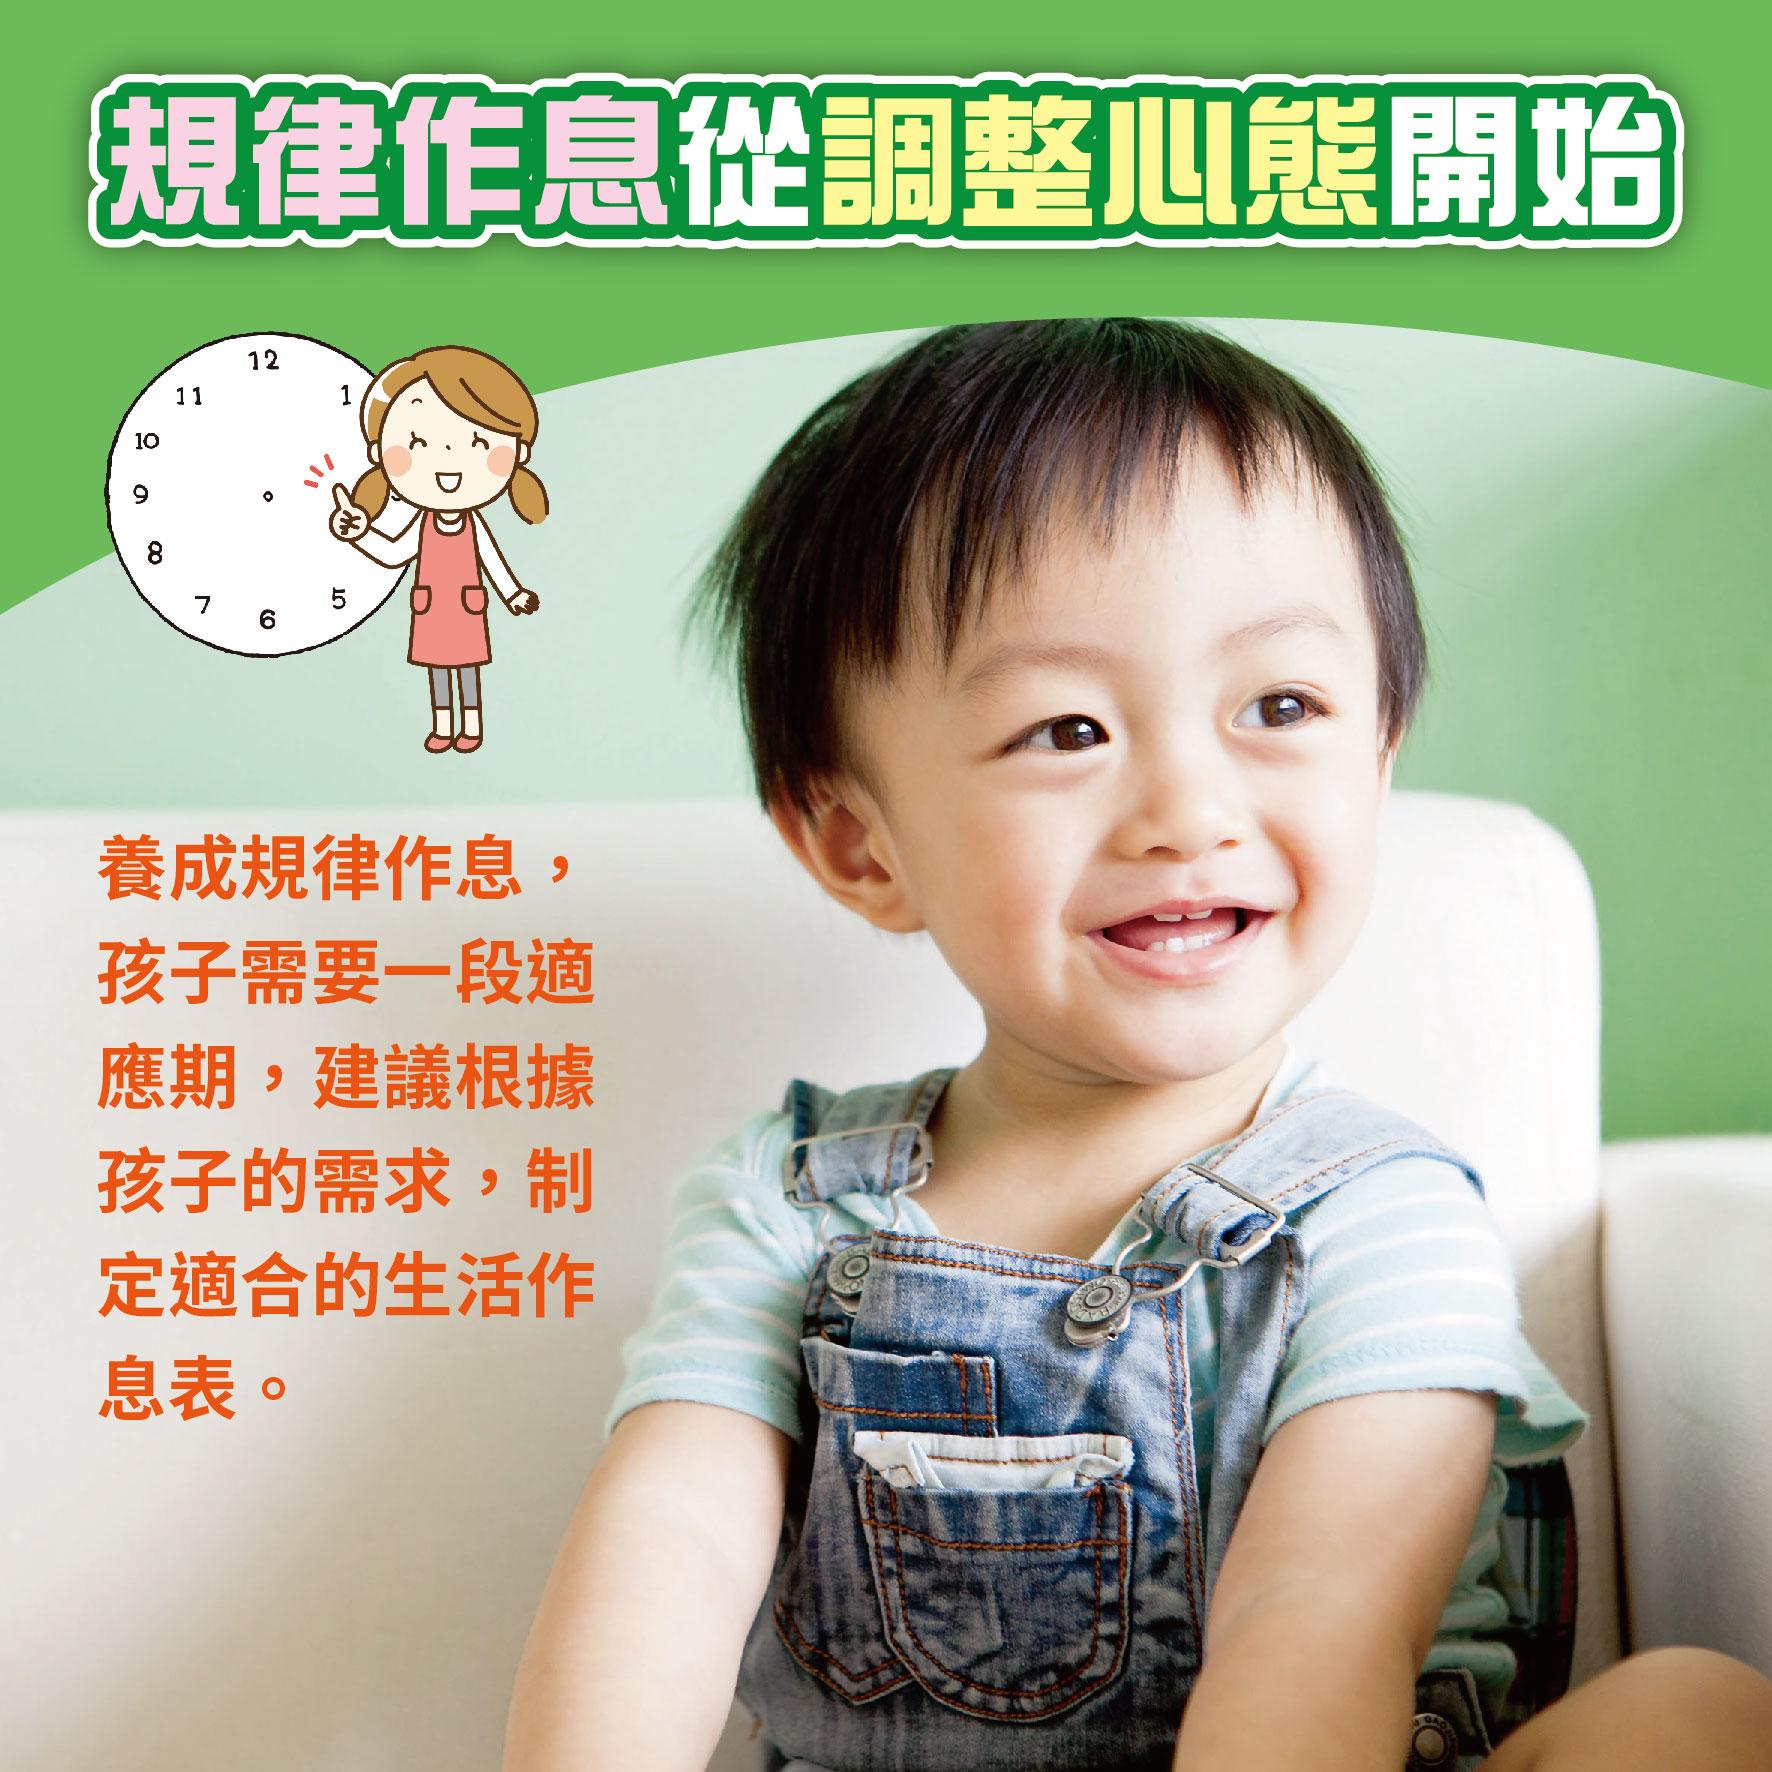 幼兒6歲(第10週)規律作息從調整心態開始